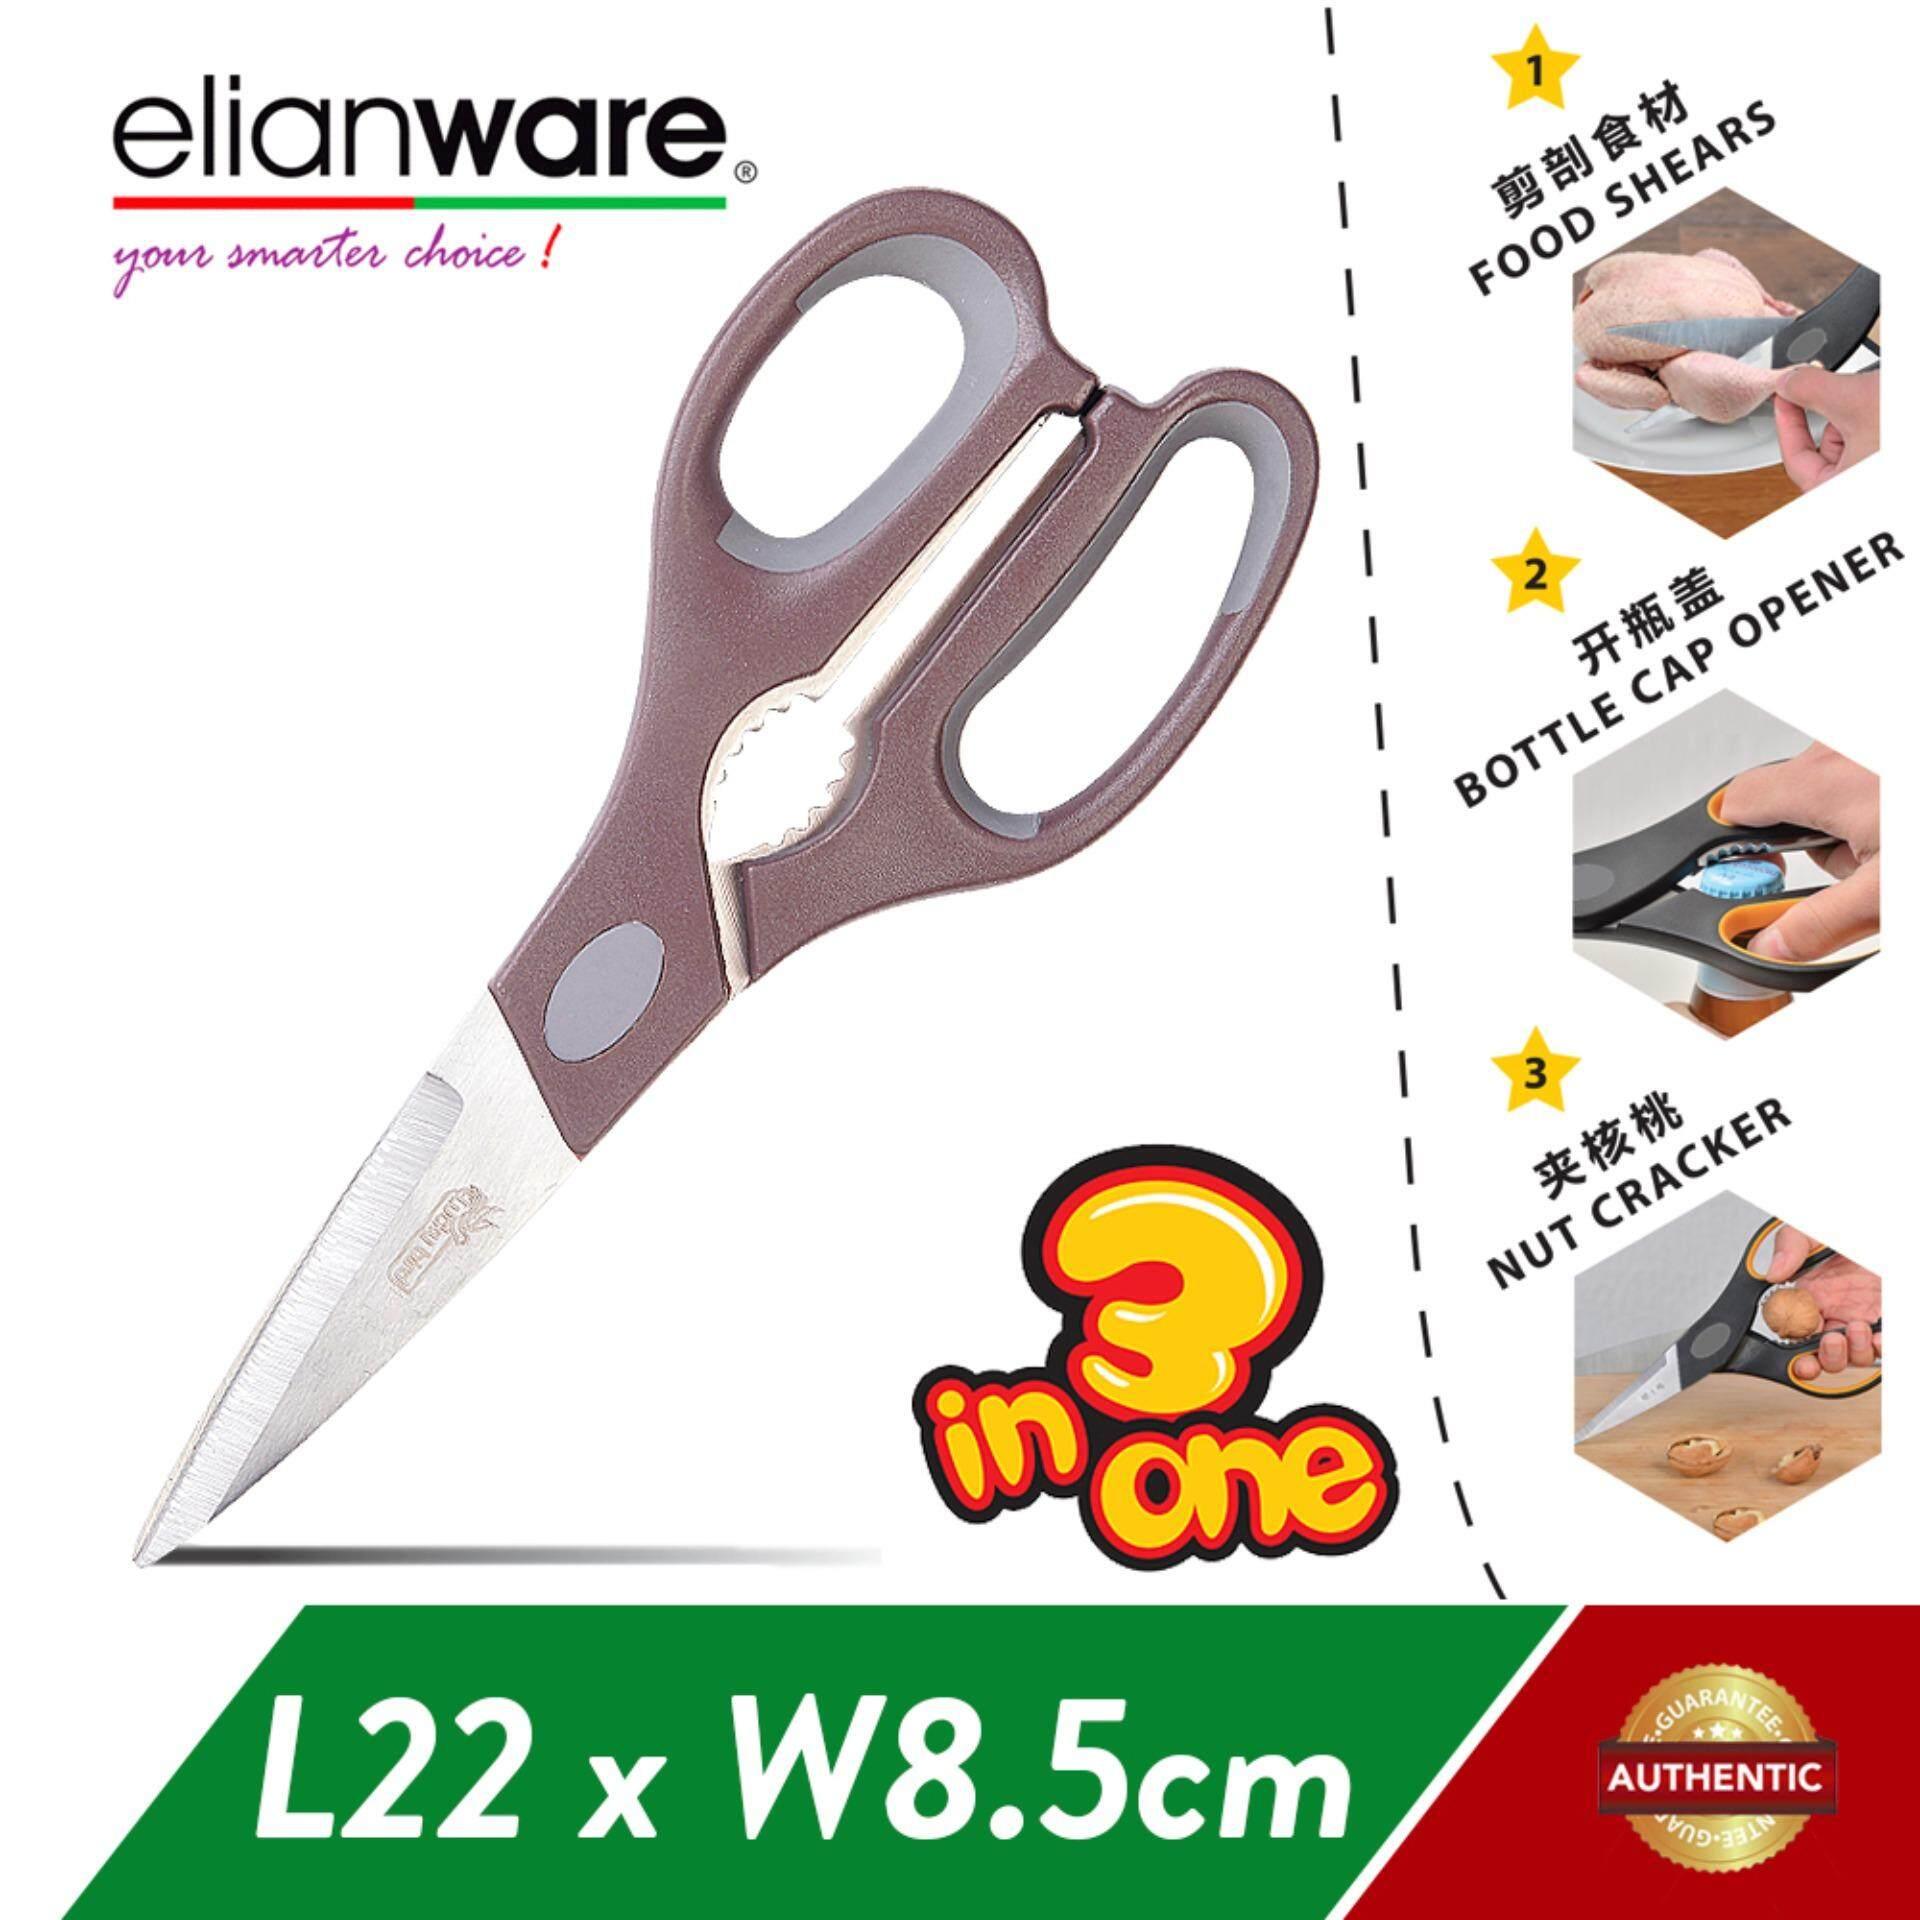 Elianware 3 in 1 Multipurpose Scissor (22cm) Scissors